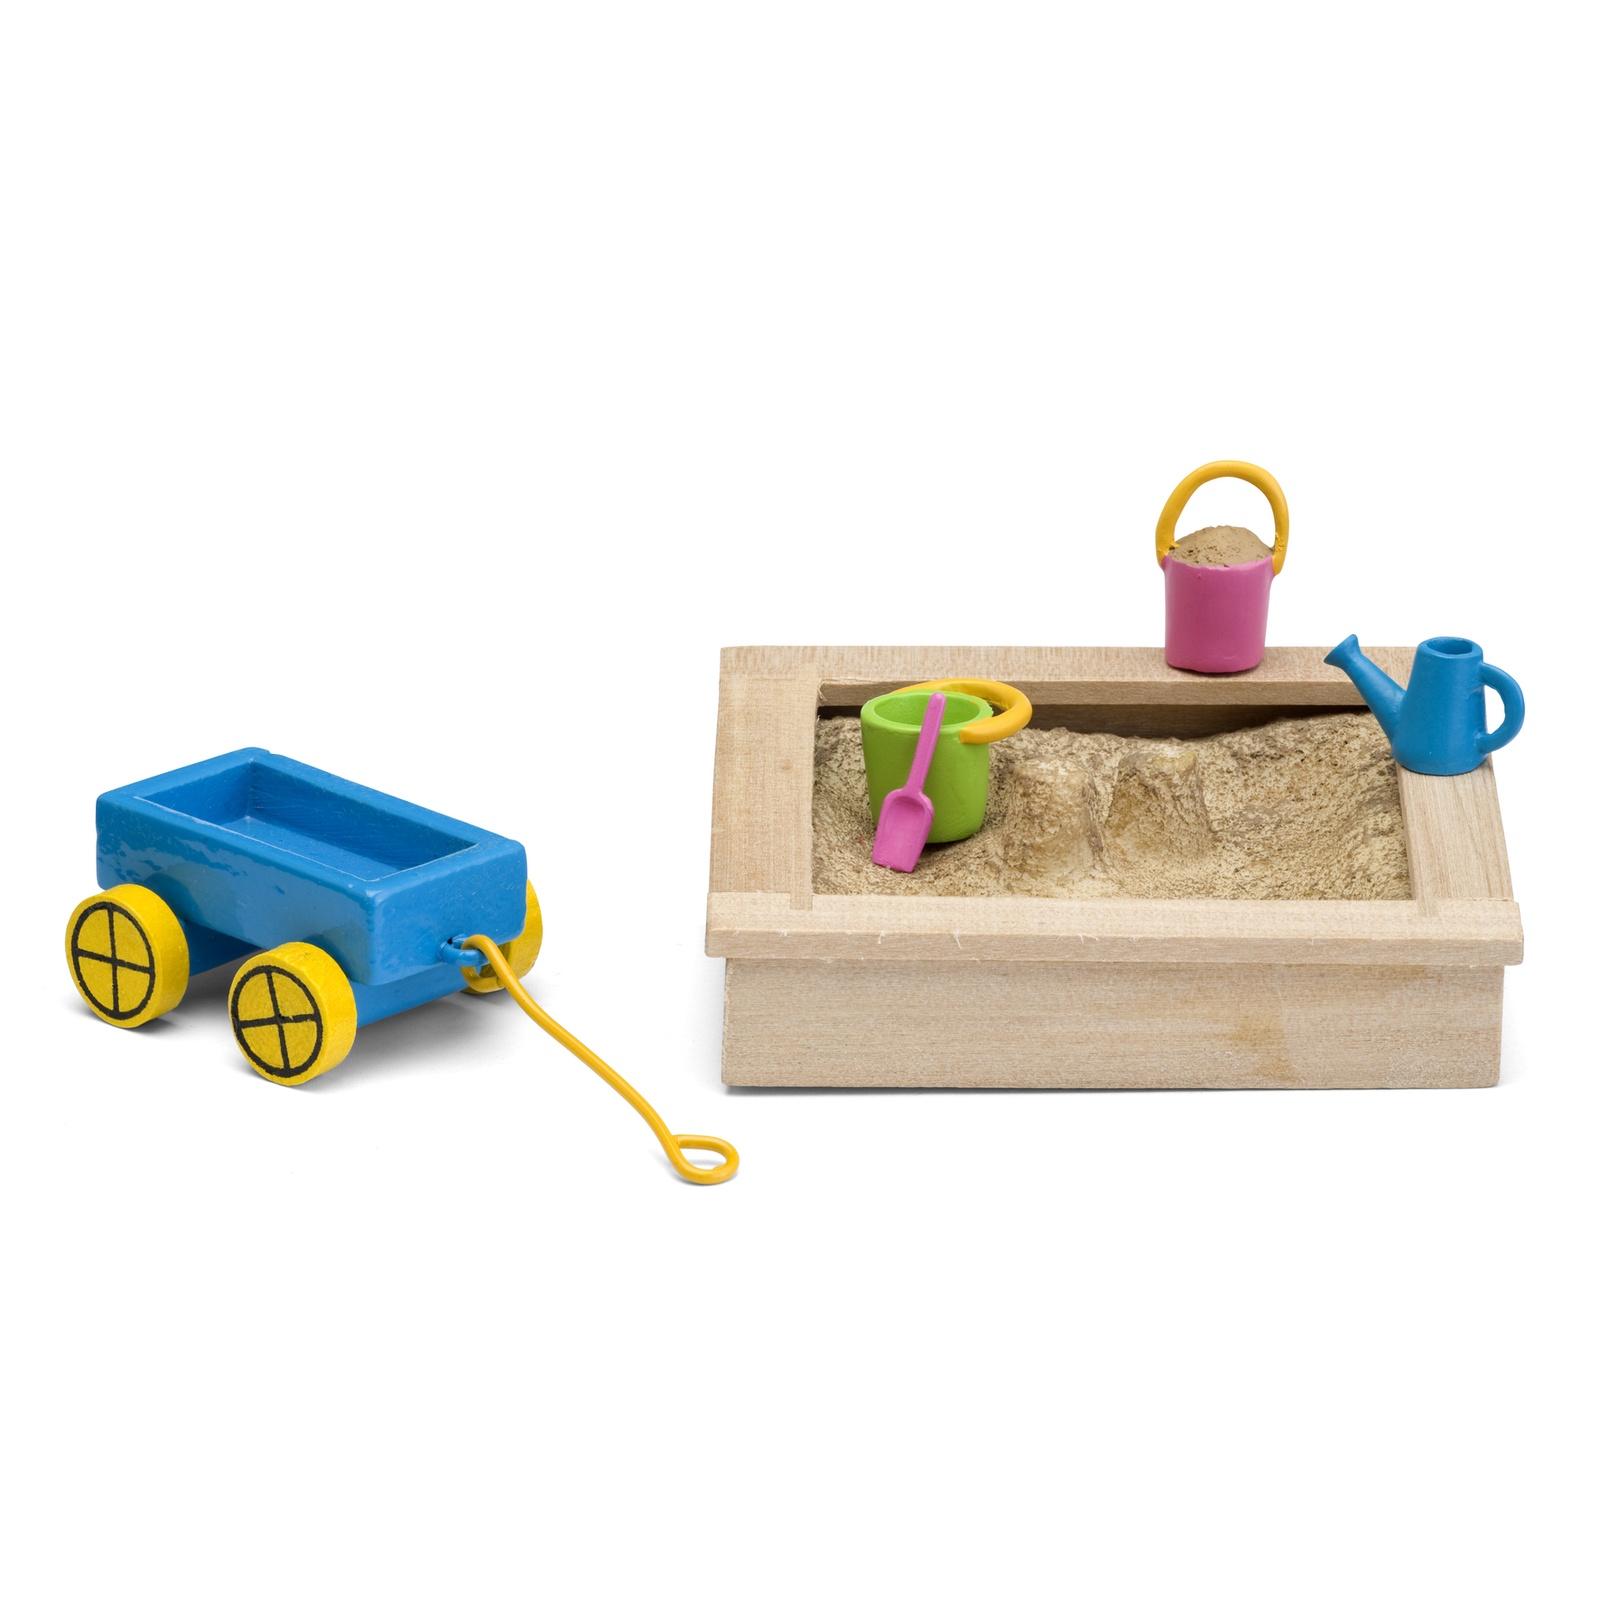 Фото - Игровой набор для домика Lundby Смоланд. Песочница с игрушками, LB_60509600 аксессуары для домика lundby смоланд игрушки для детской